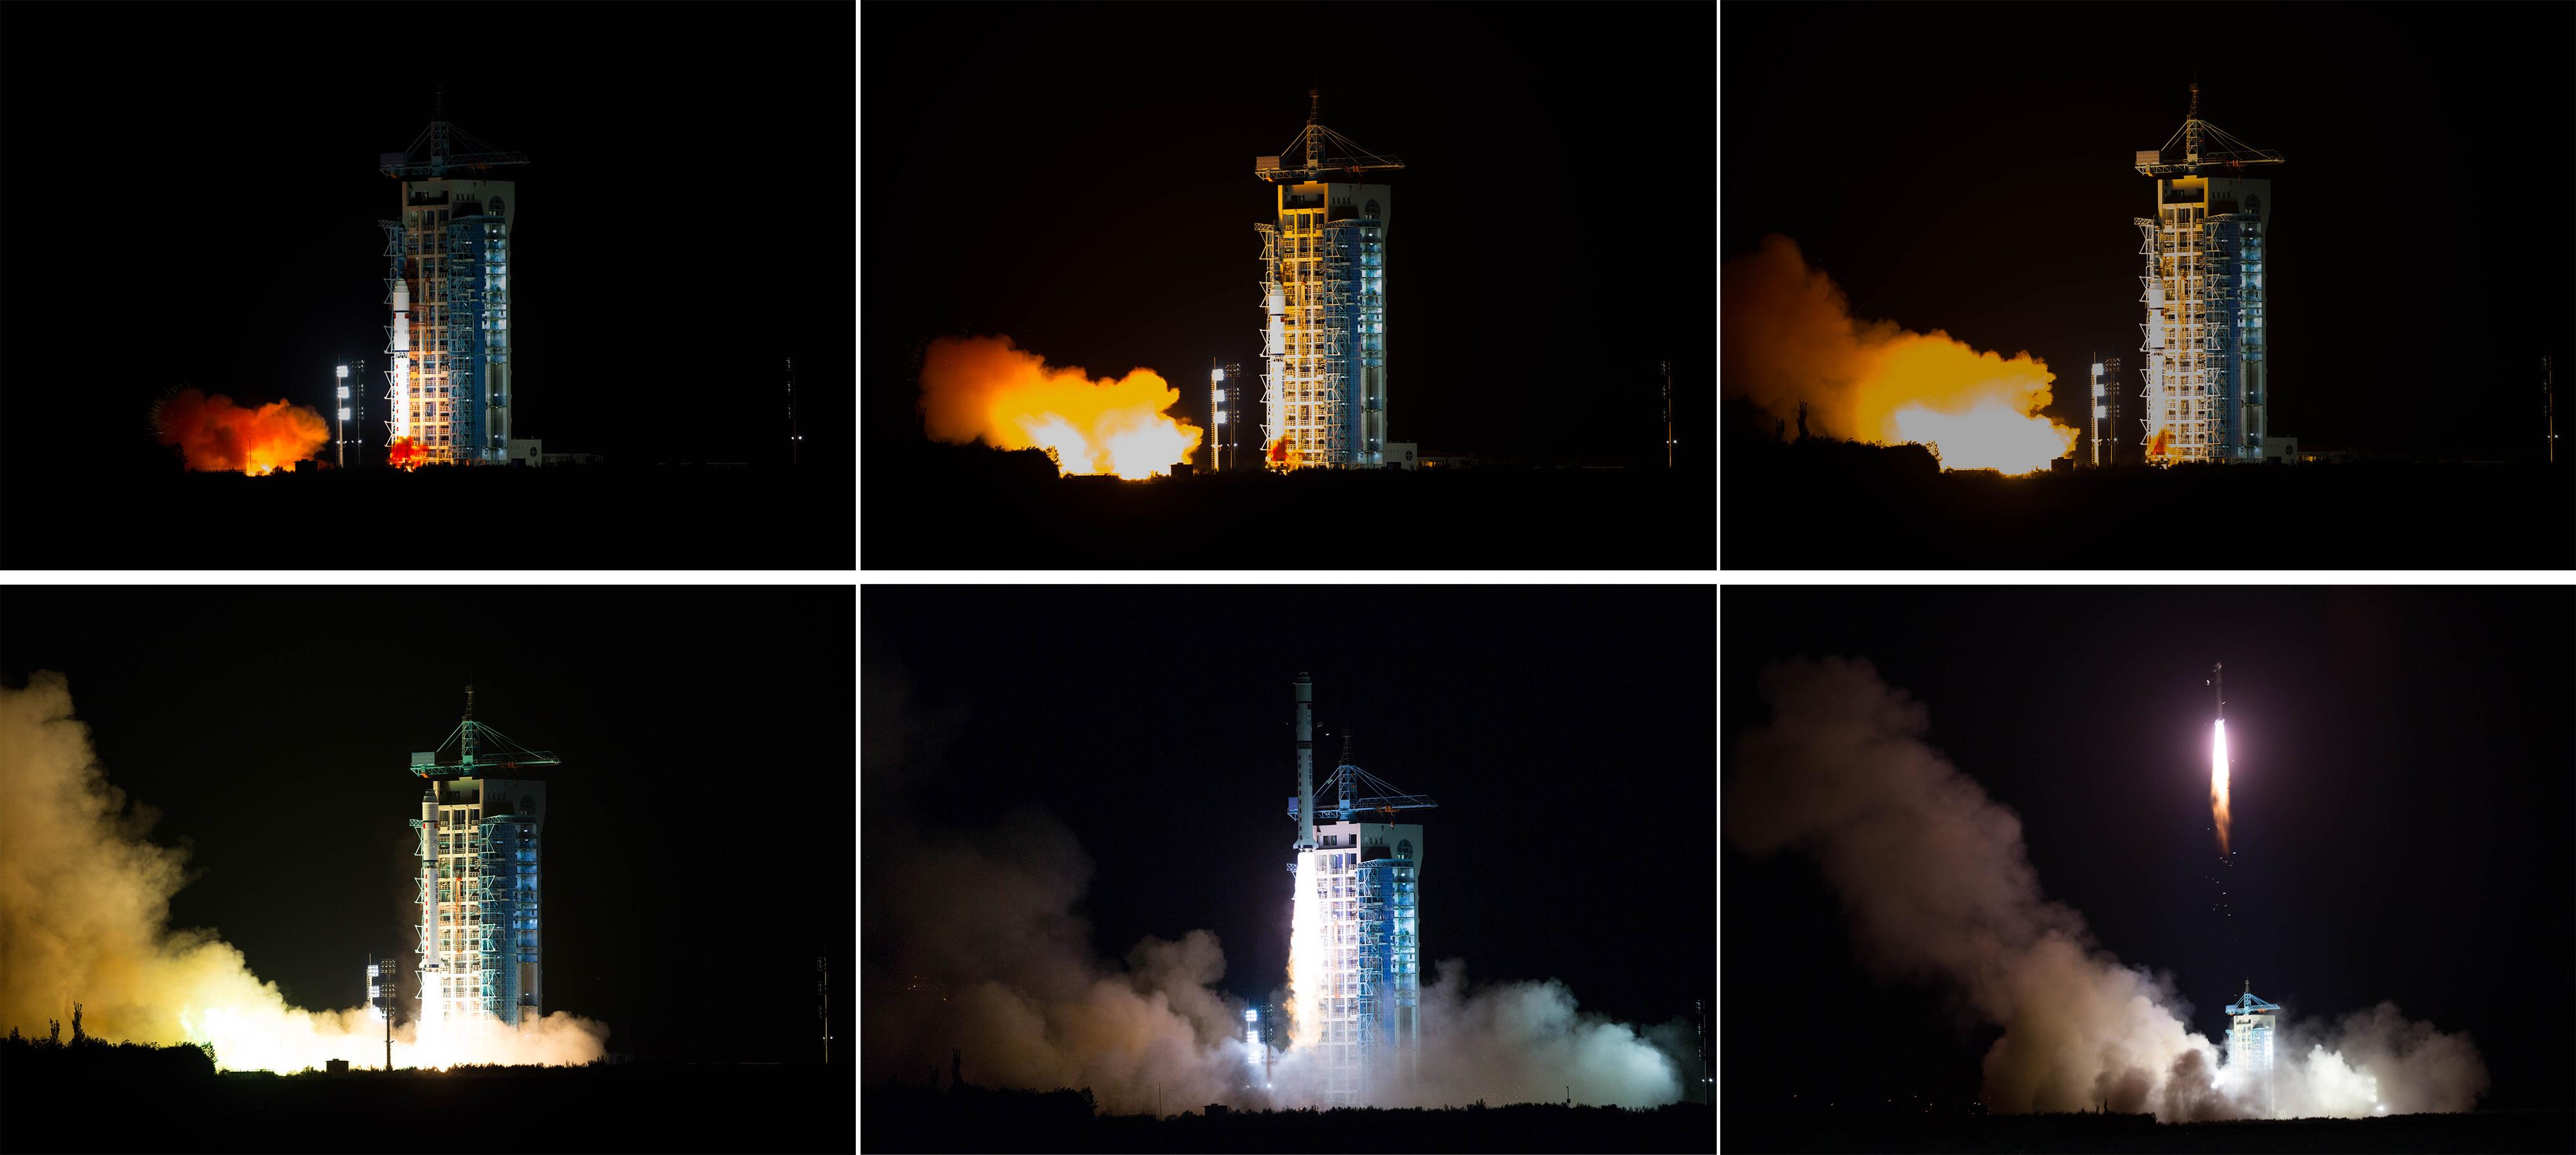 (160816) -- GANSU, agosto 16, 2016 (Xinhua) -- Imagen combinada del lanzamiento del primer satélite de comunicación cuántica del mundo sobre un cohete Gran Marcha-2D desde el Centro de Lanzamiento de Satélites de Jiuquan, en Jiuquan, en la provincia de Gansu, en el noroeste de China, el 16 de agosto de 2016. China lanzó con éxito el primer satélite de comunicación cuántica con un cohete Gran Marcha 2D desde el Centro de Lanzamiento de Satélites de Jiuquan en el desierto de Gobi, en el noroeste de China, a las 01:40 del martes. (Xinhua/Jin Liwang) (rtg) (vf)